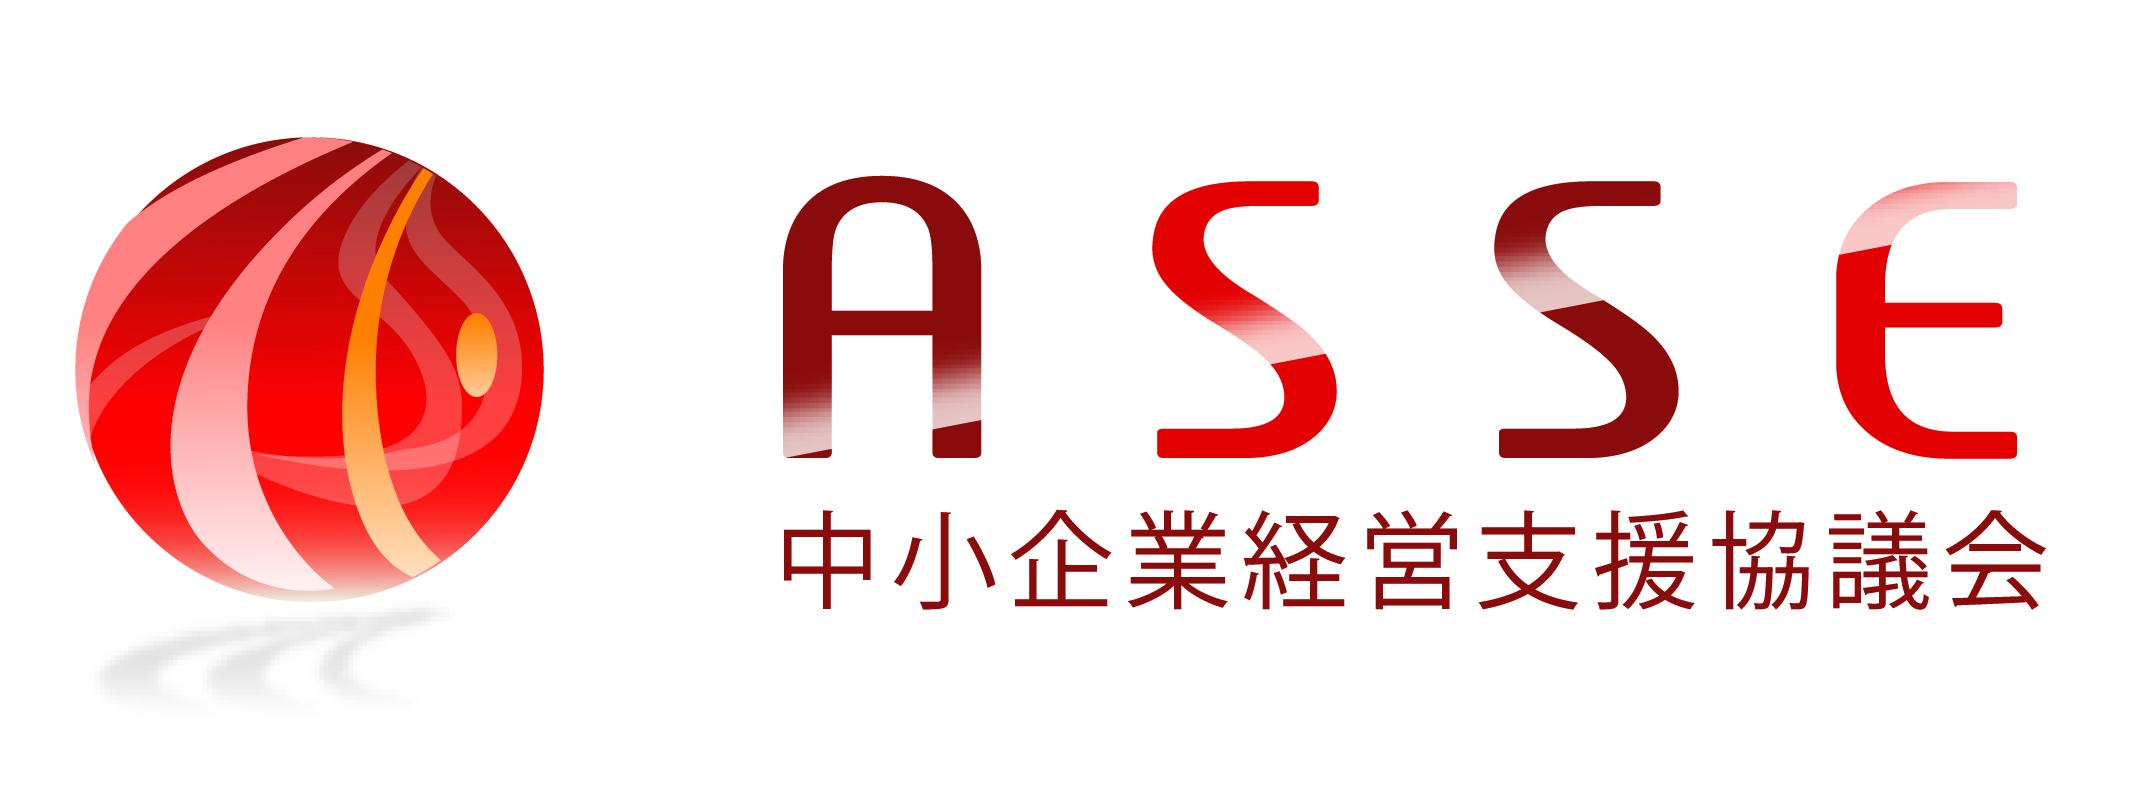 中小企業経営支援協議会 ASSE